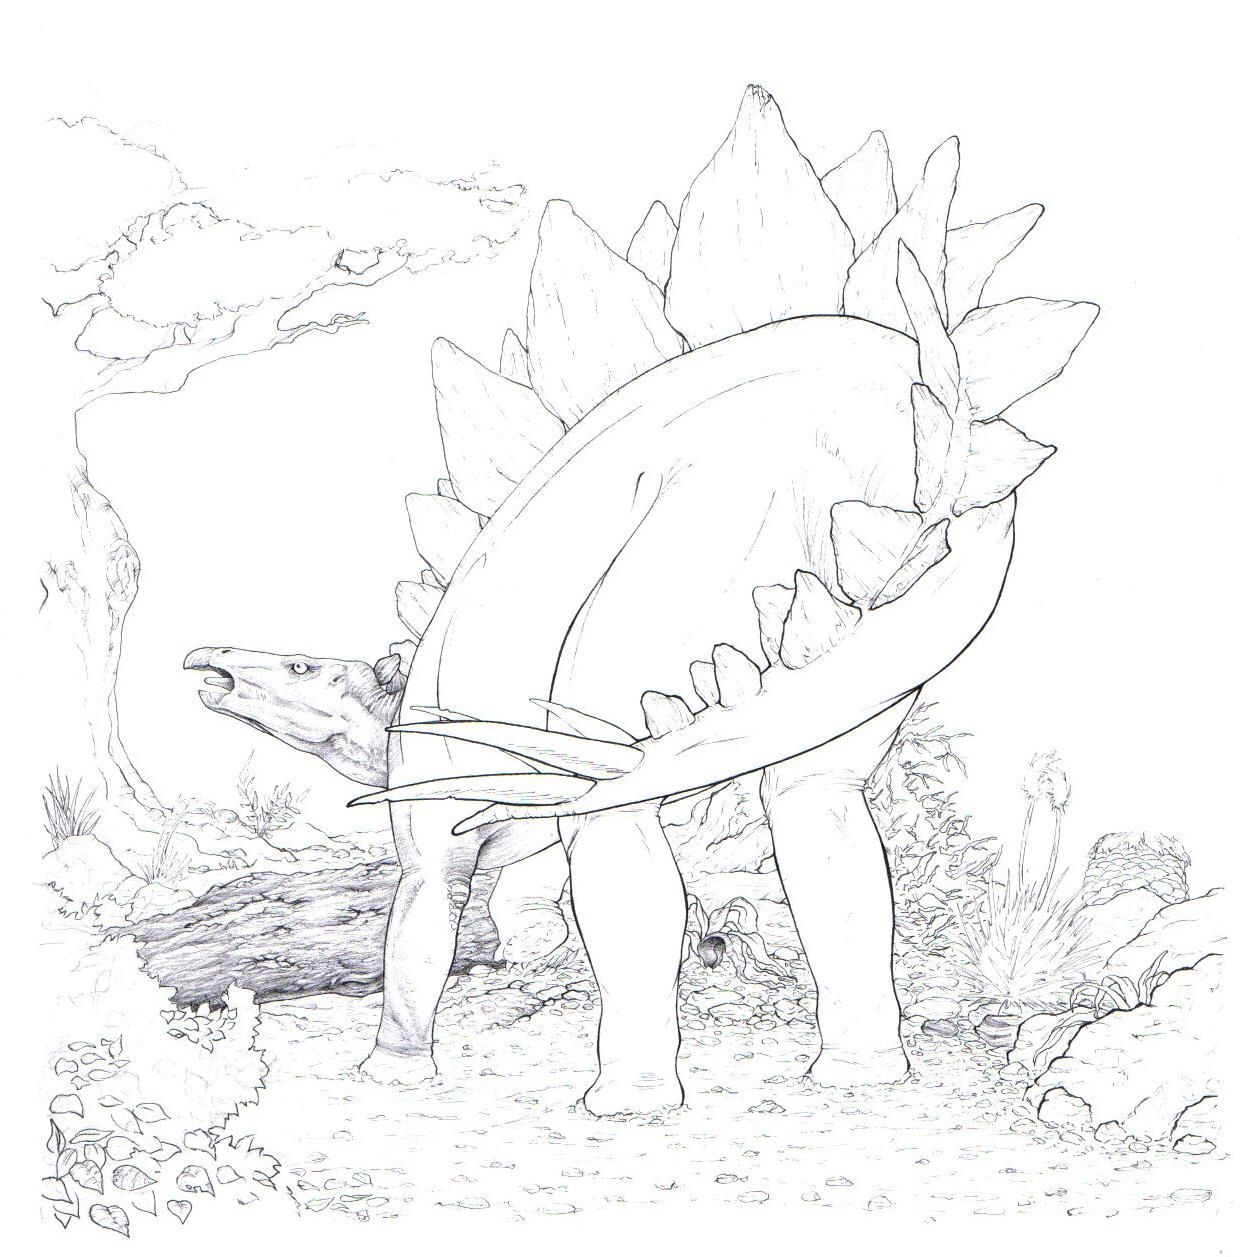 unfinished stegosaur by uialwen